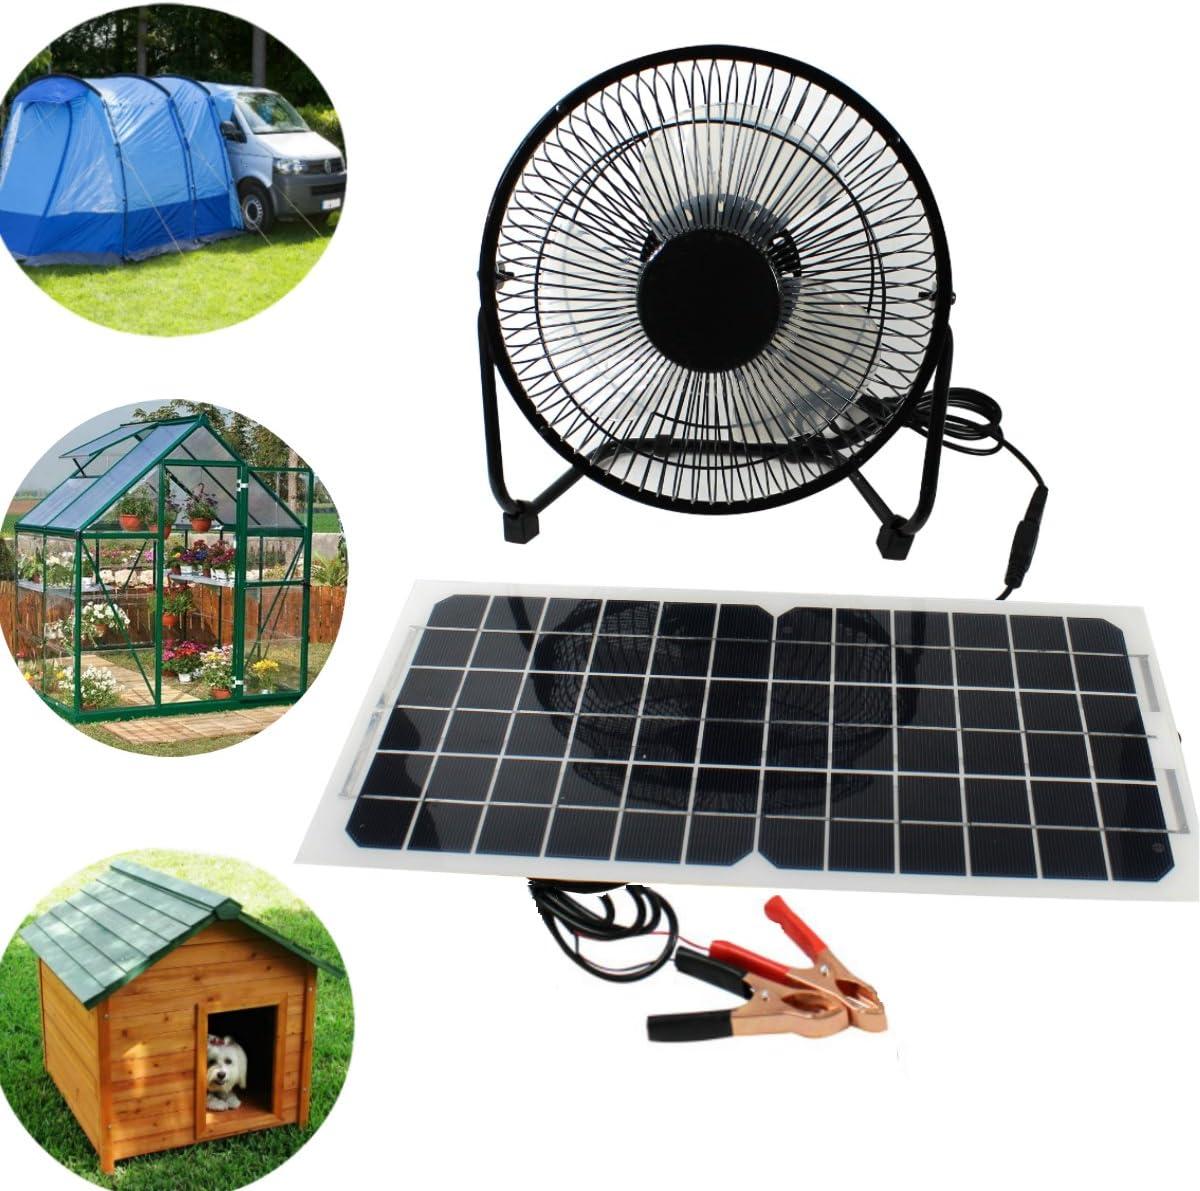 Peakstrom Ventilador USB de Panel Solar 10 W 12 V para Camping, Furgoneta, yate, Invernadero, casa de Perro, Pollo, Aire Libre: Amazon.es: Jardín